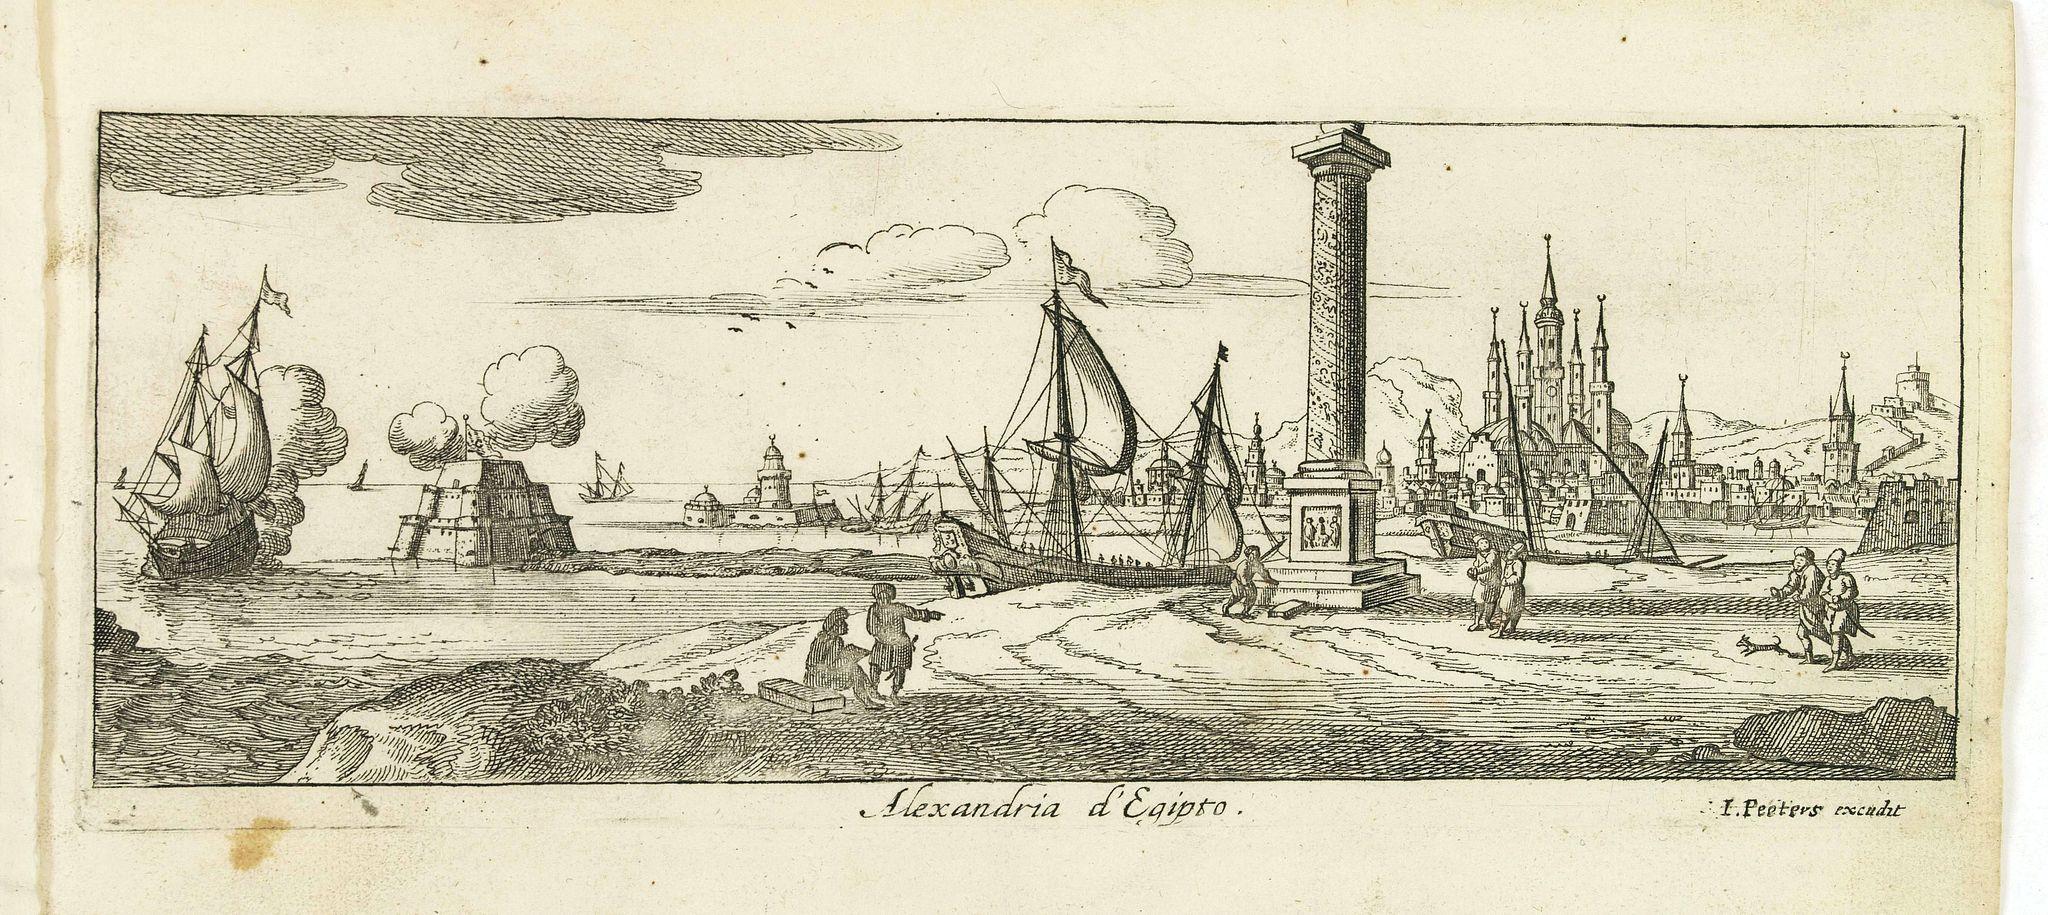 PEETERS, J. / BOUTTATS, G. -  Alexandria d